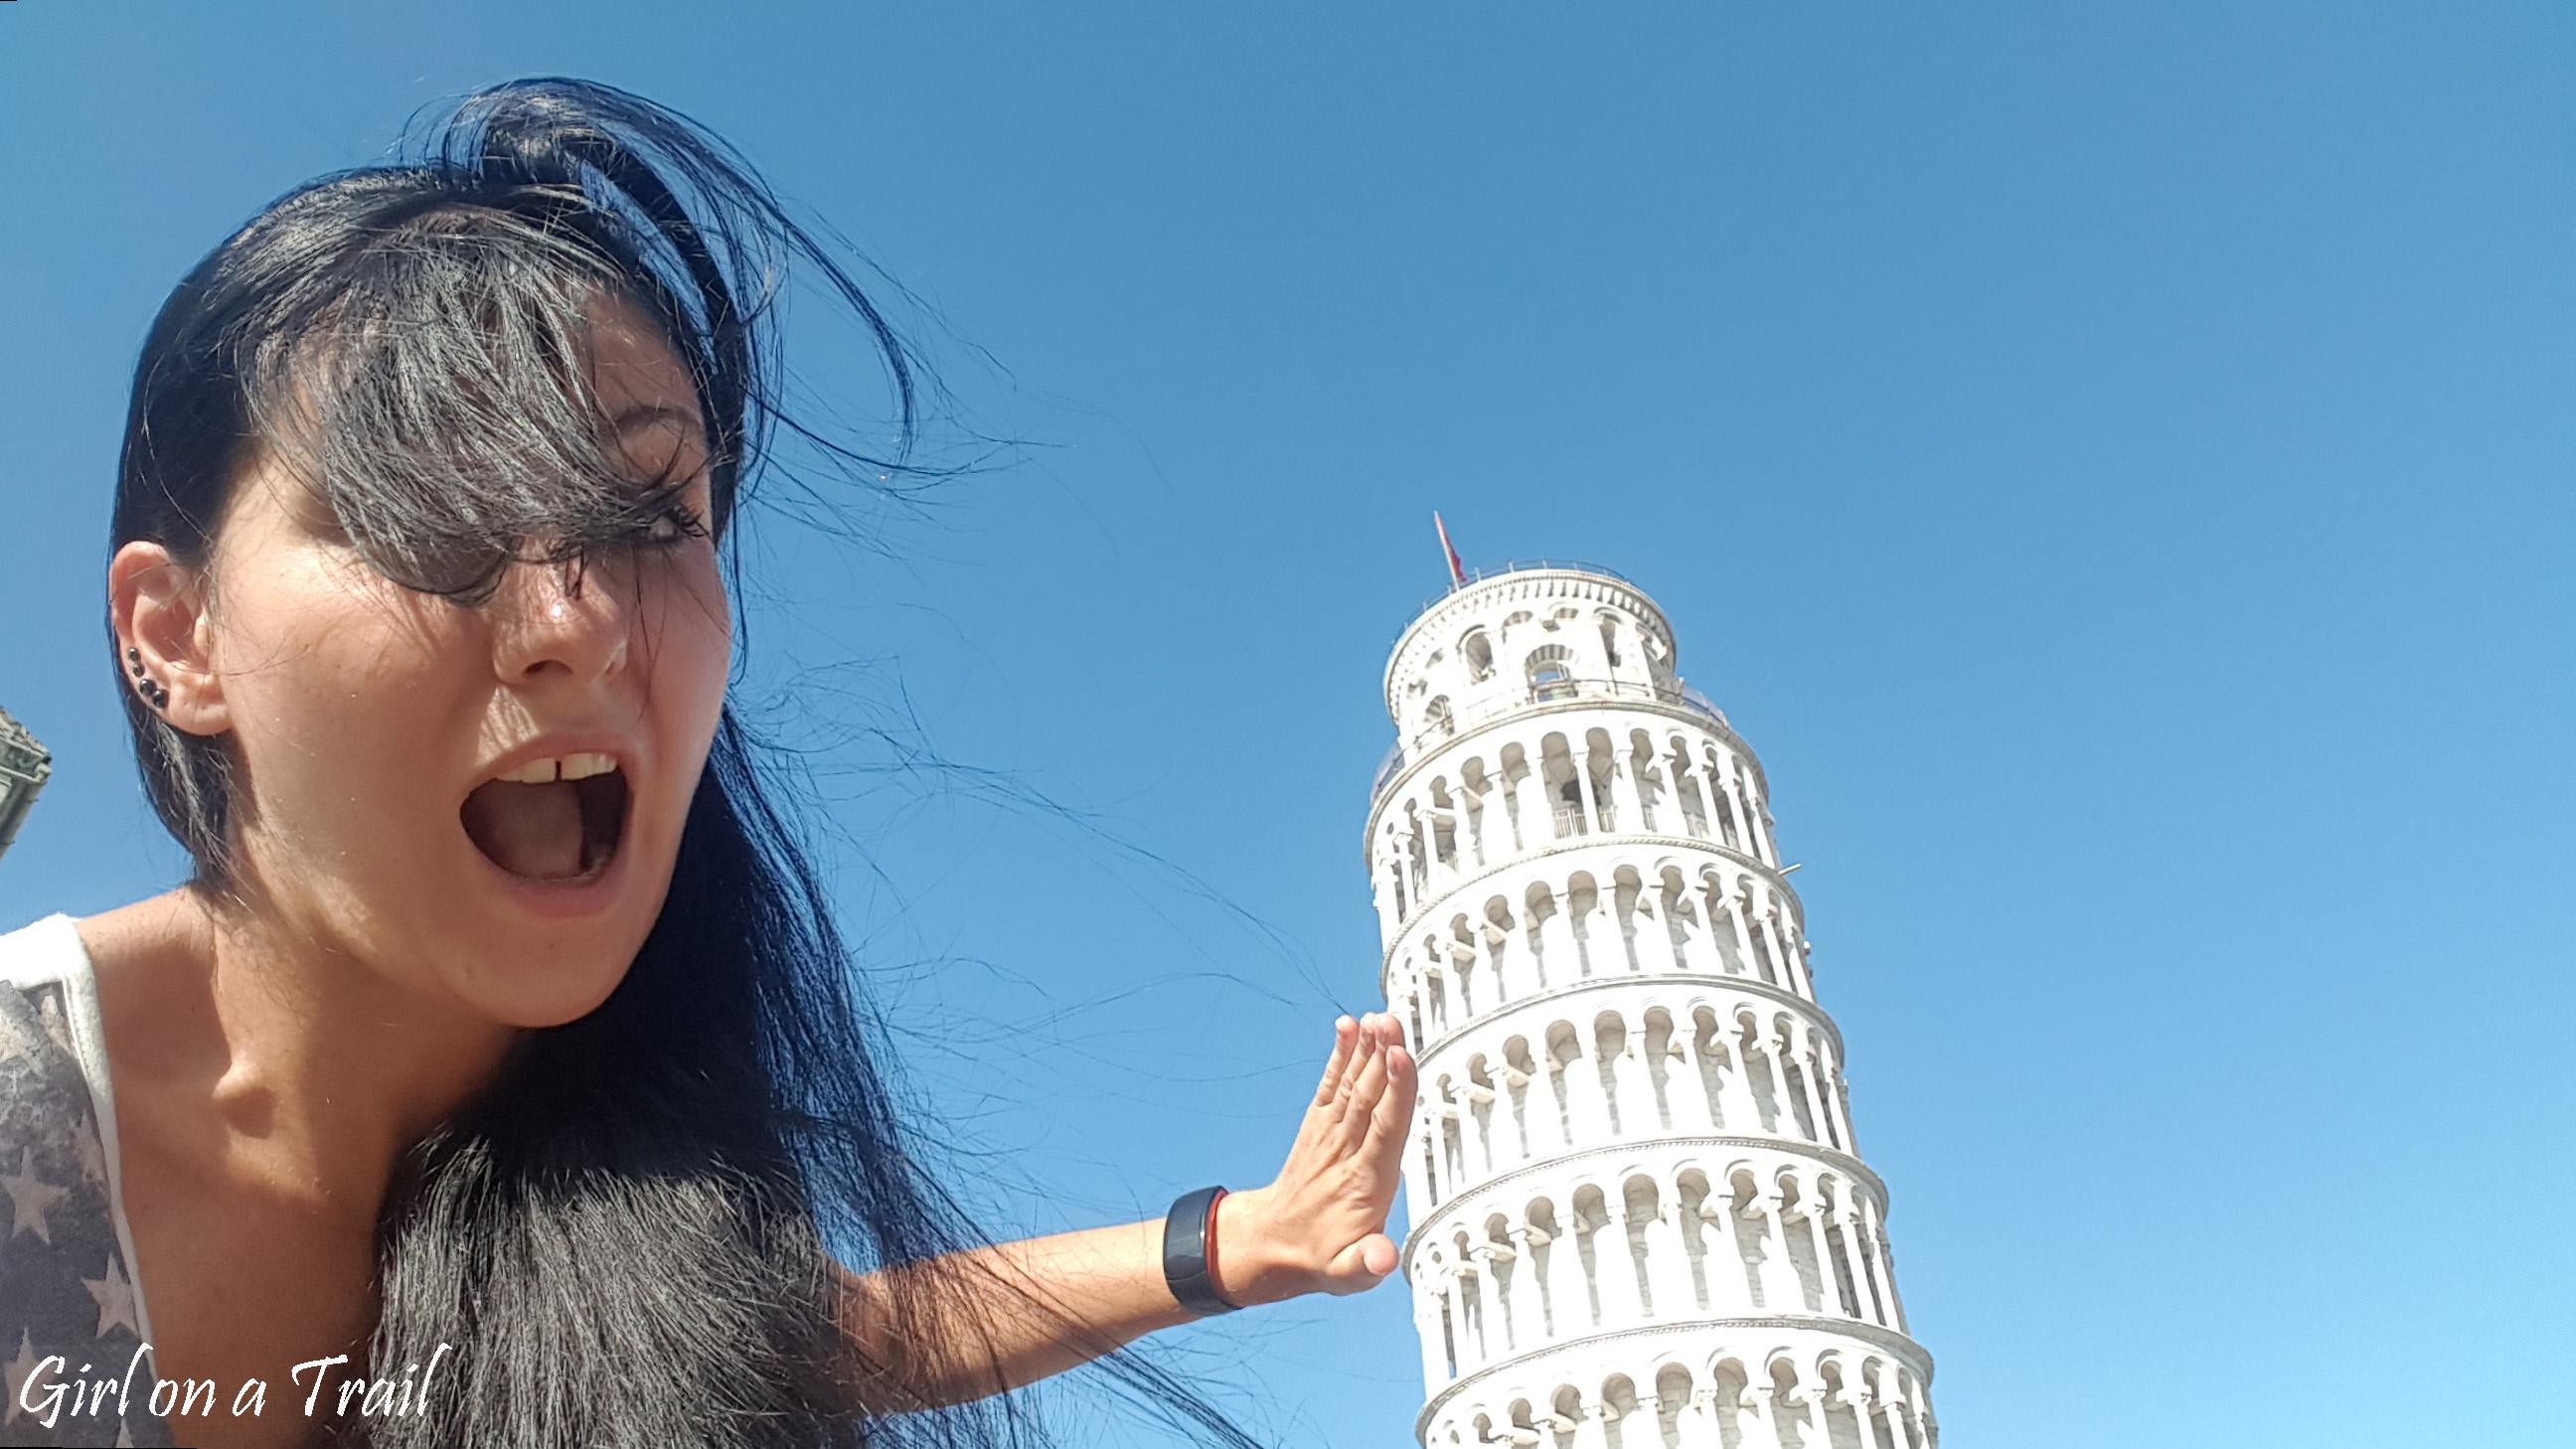 Włochy - Piza